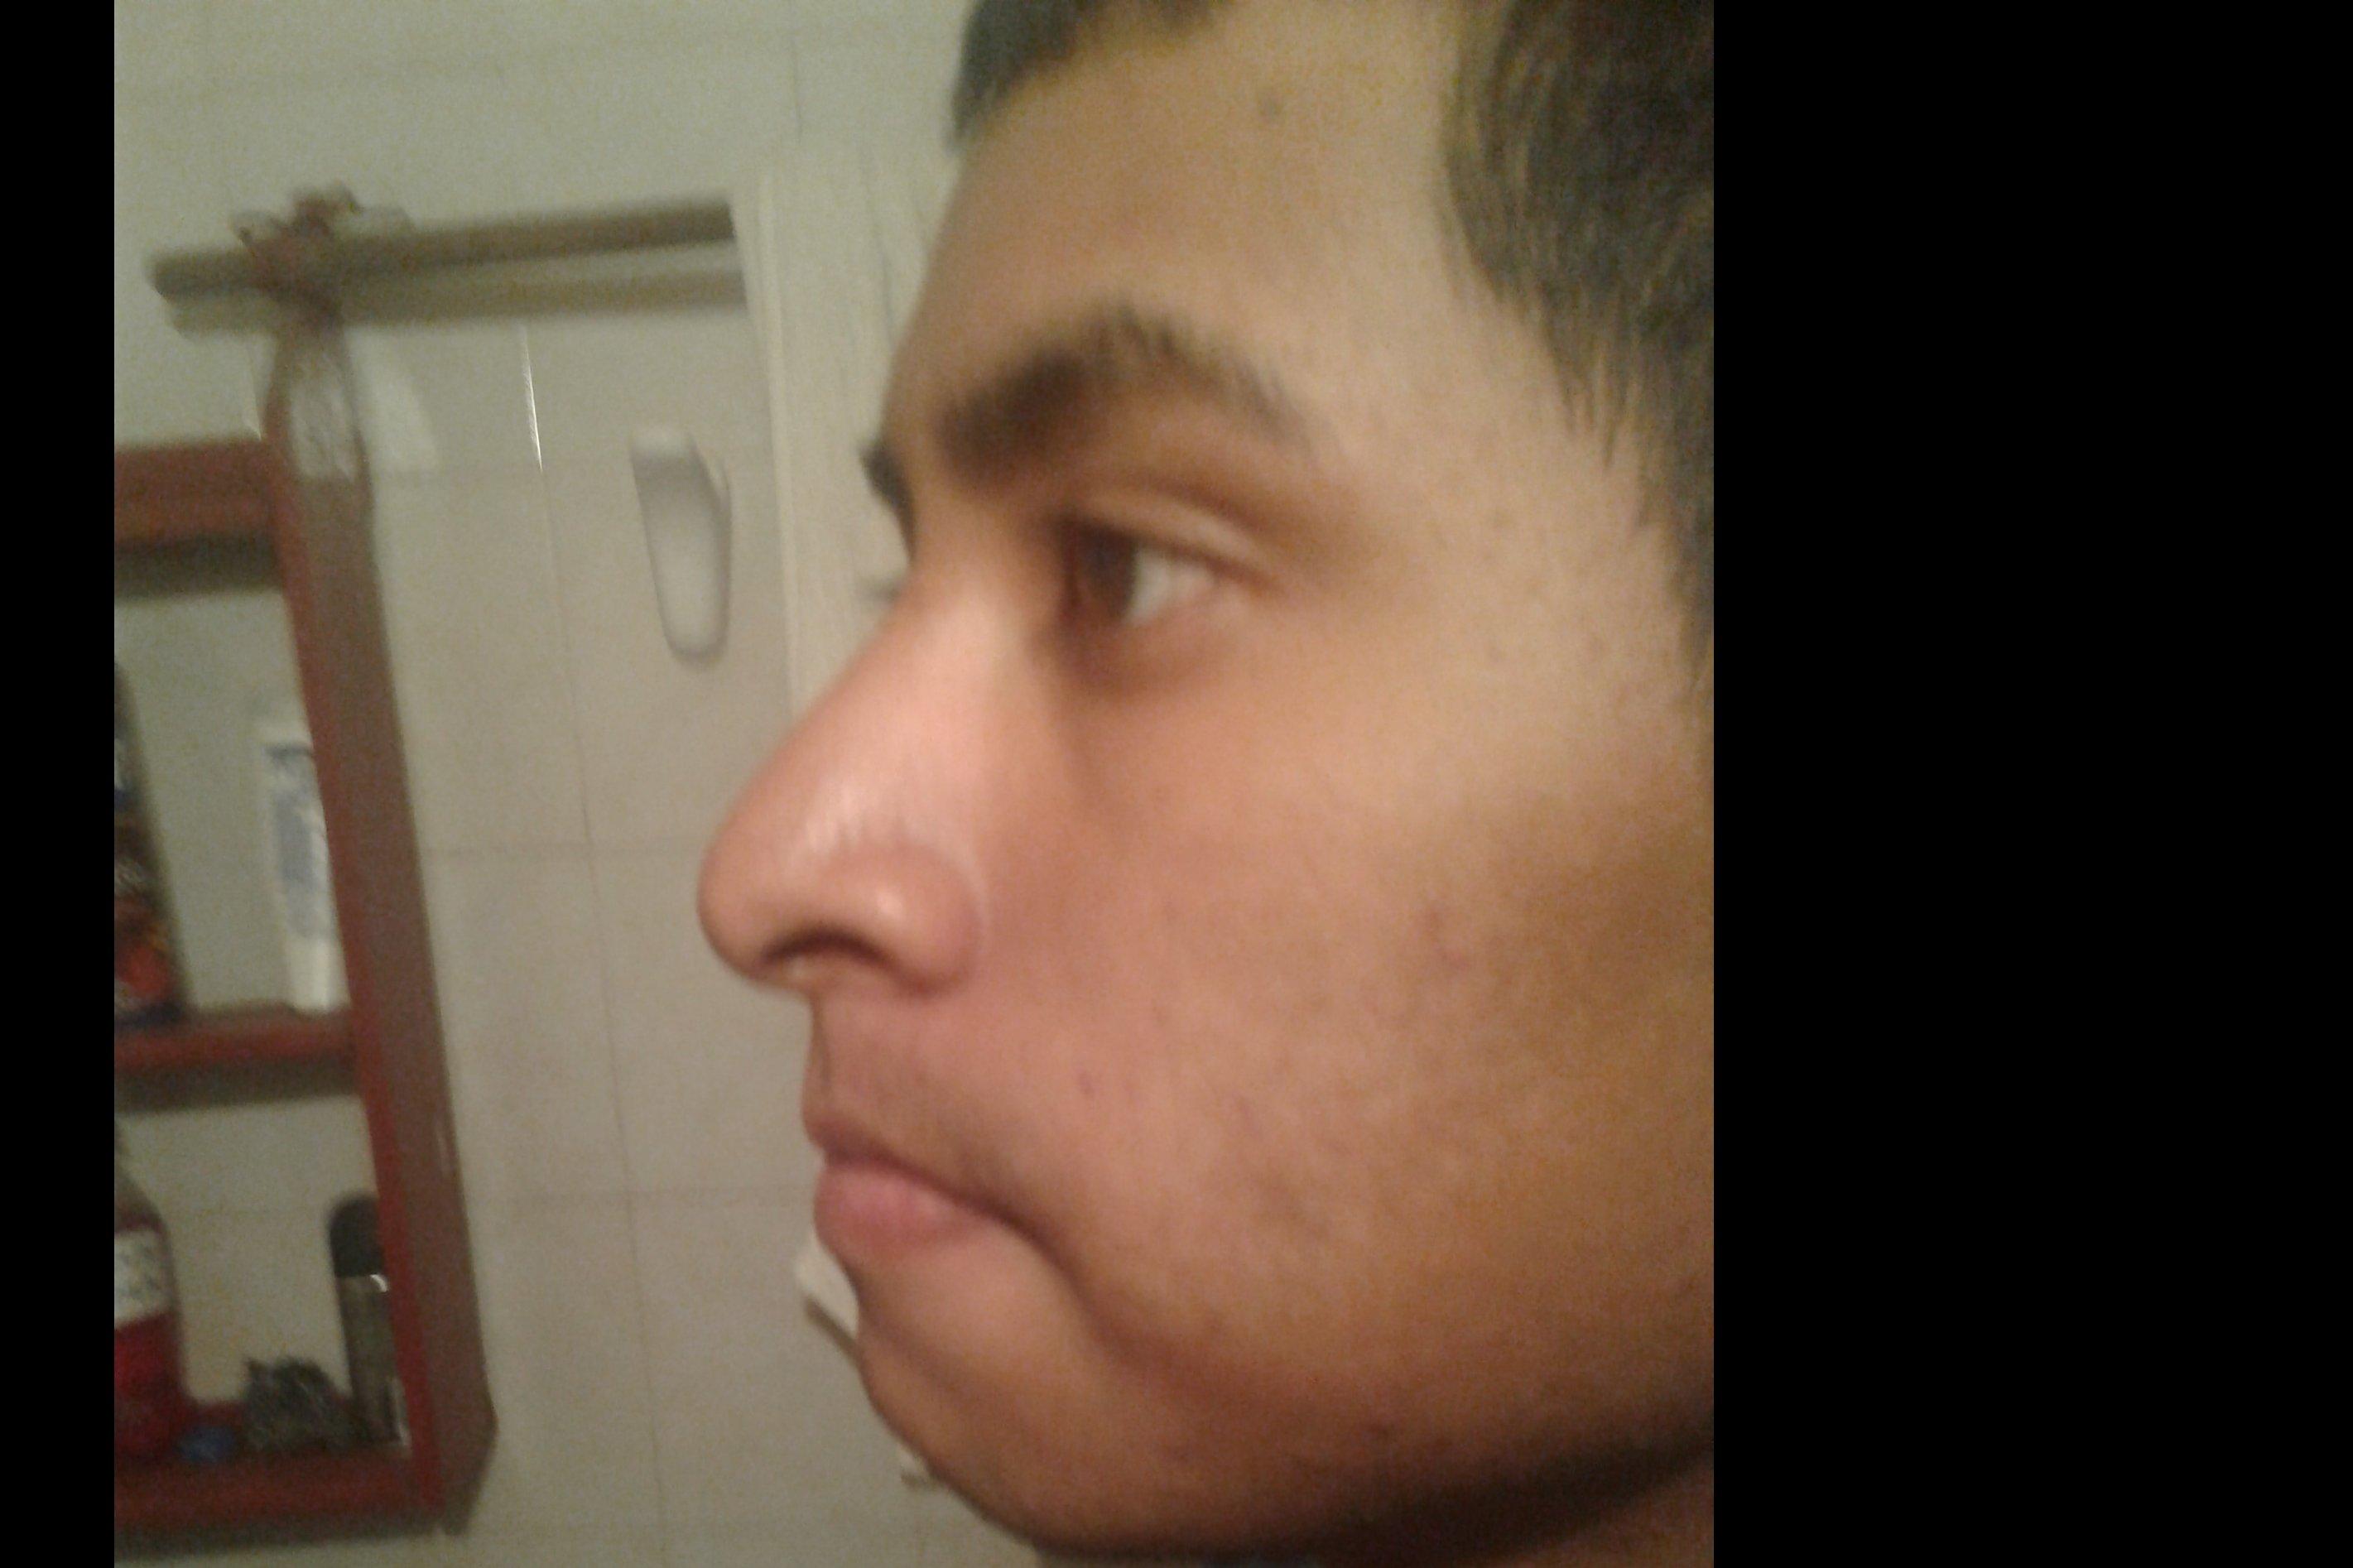 Yengo un poco caida la punta de la nariz - 4696